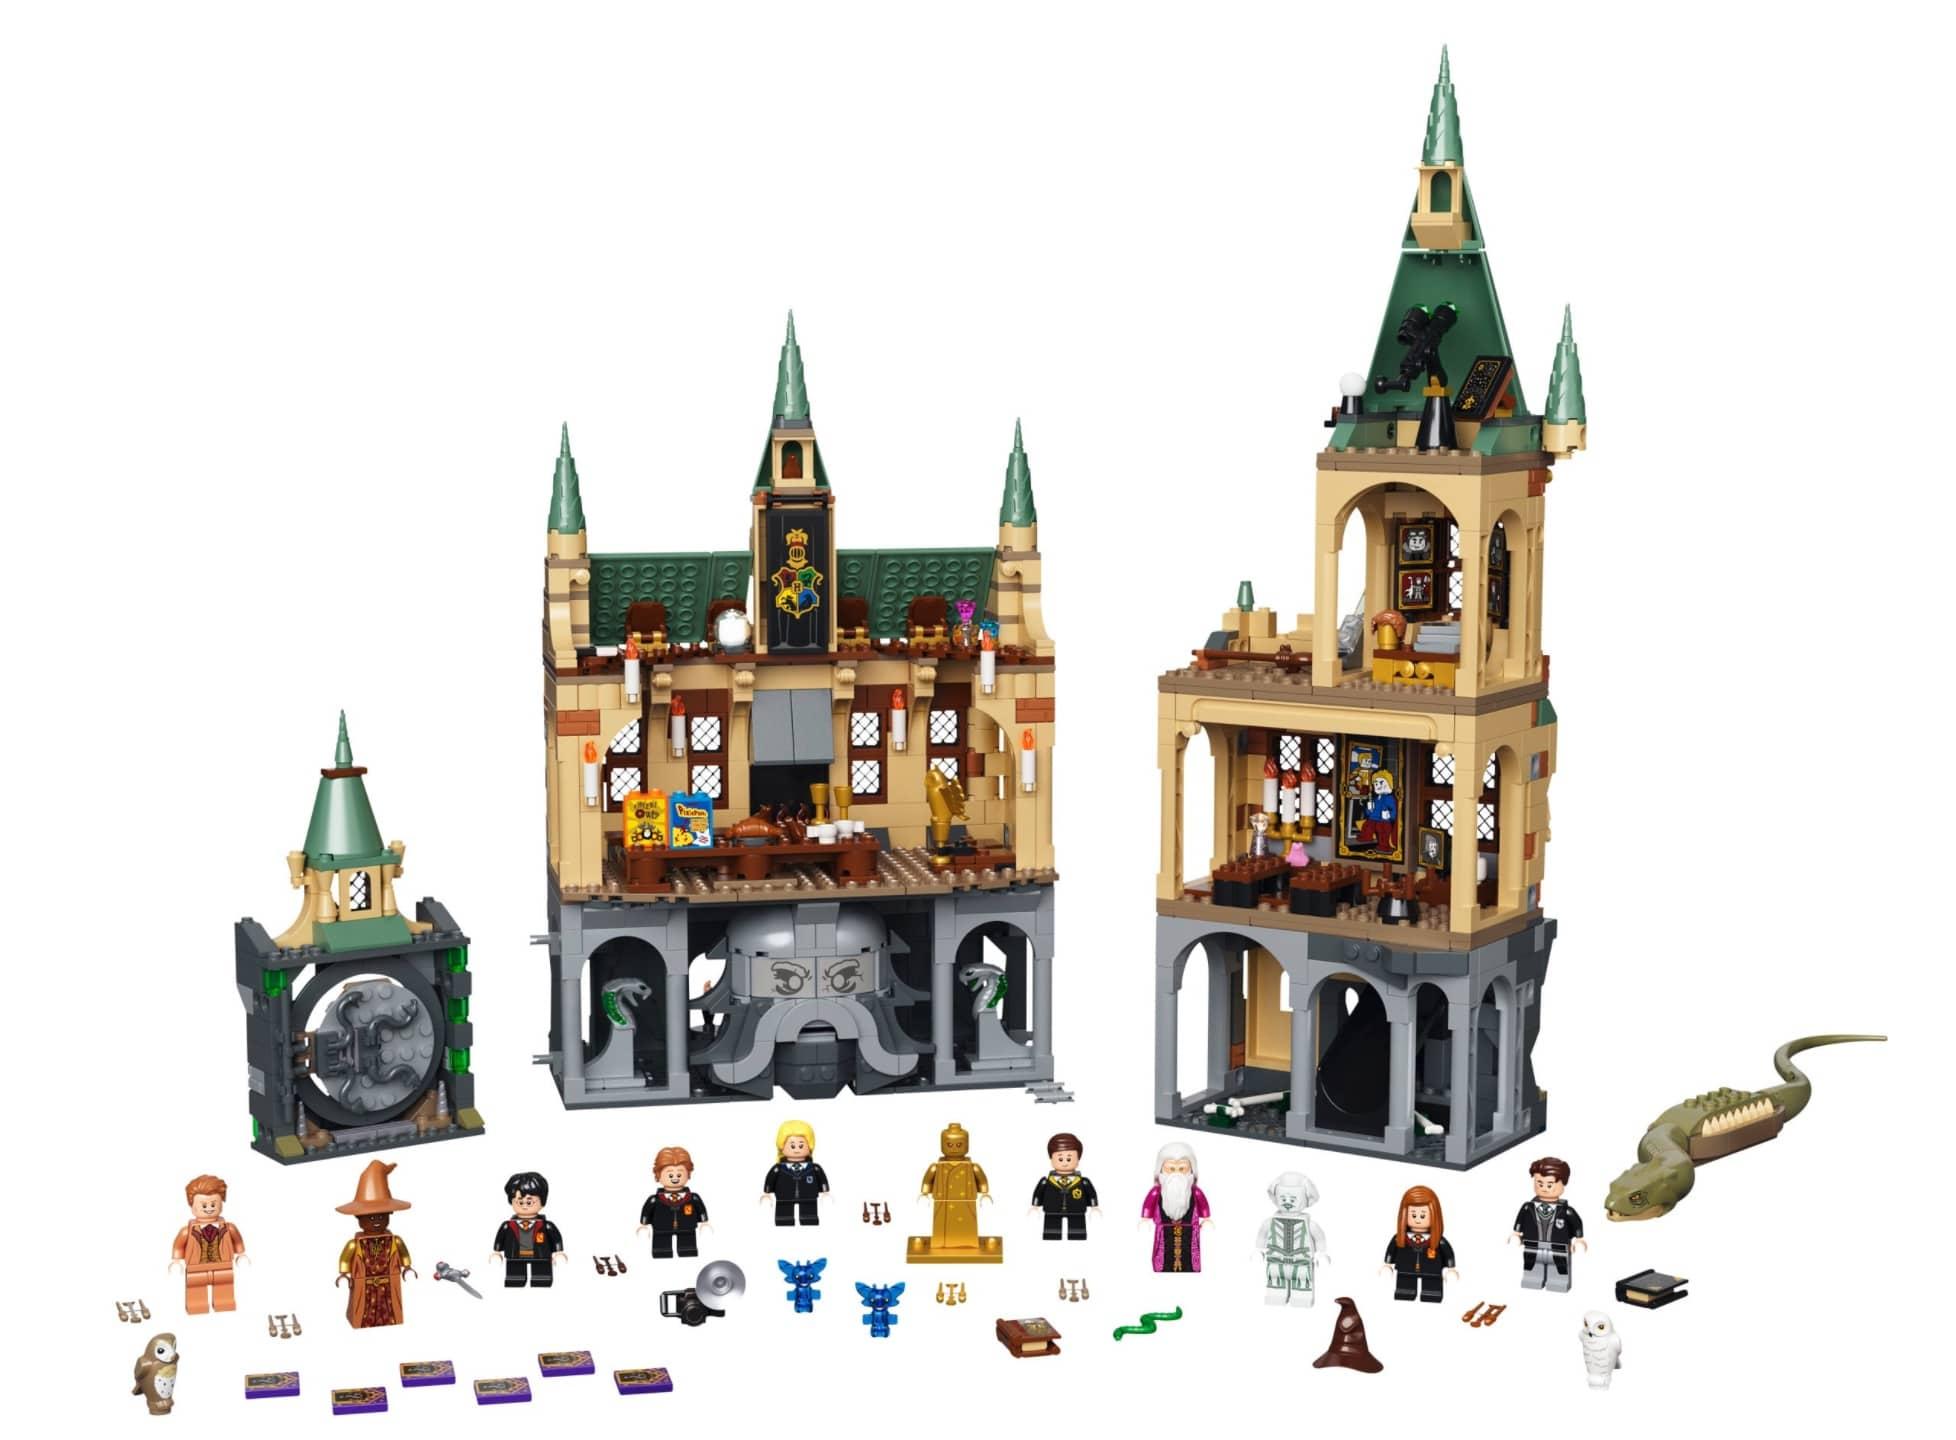 76389 Lego Harry Potter 22Hogwarts Die Kammer des Schreckens22 1.176 Teile